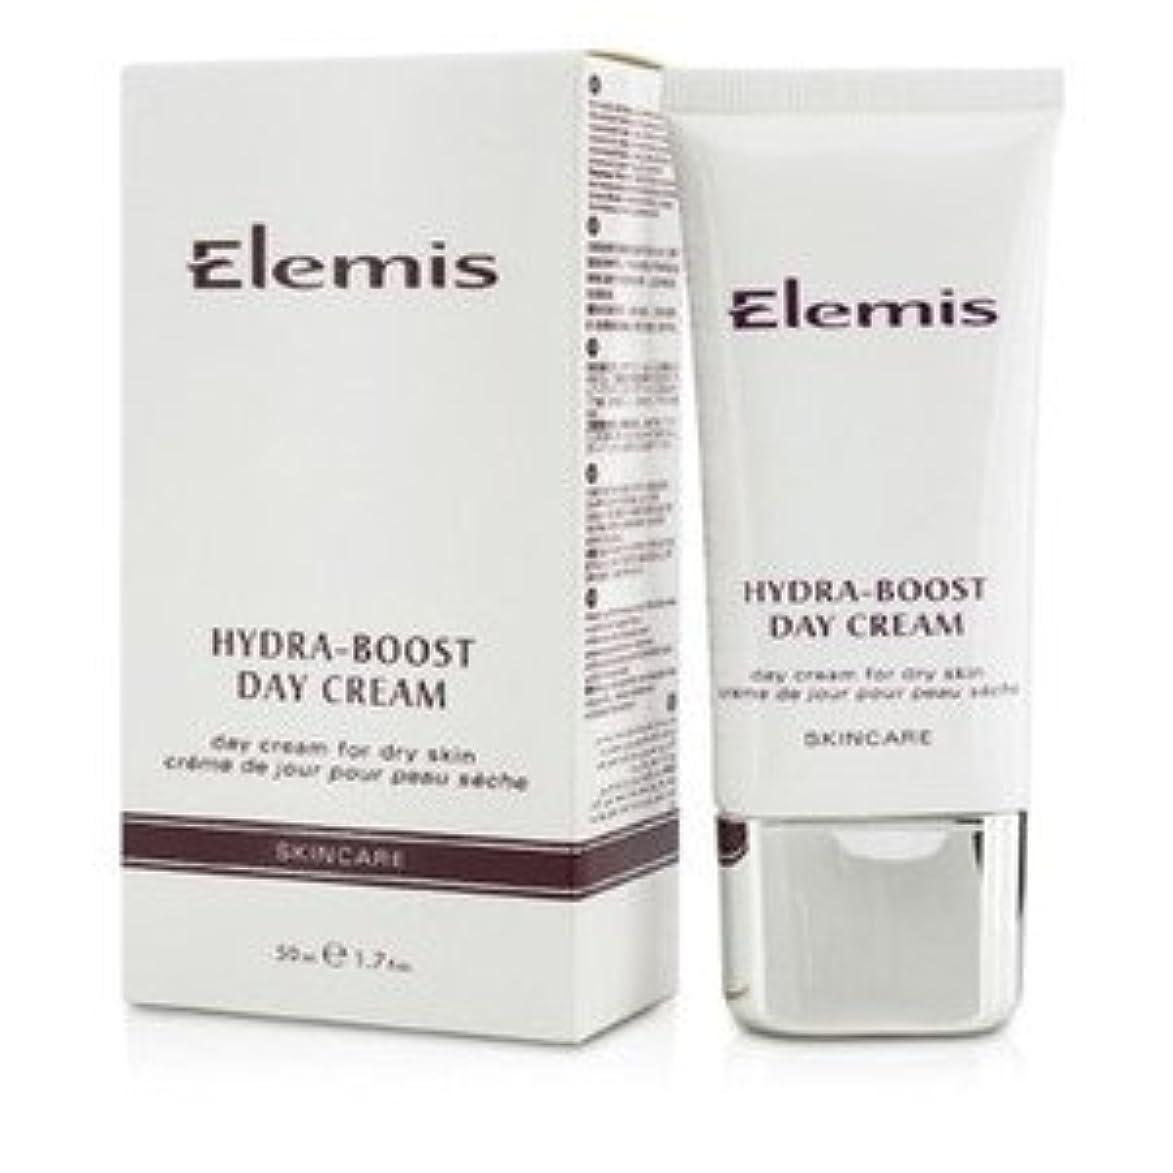 バイナリお手伝いさん雑多なエレミス[Elemis] イドラ ブースト デイ クリーム For Dry Skin 50ml/1.7oz [並行輸入品]